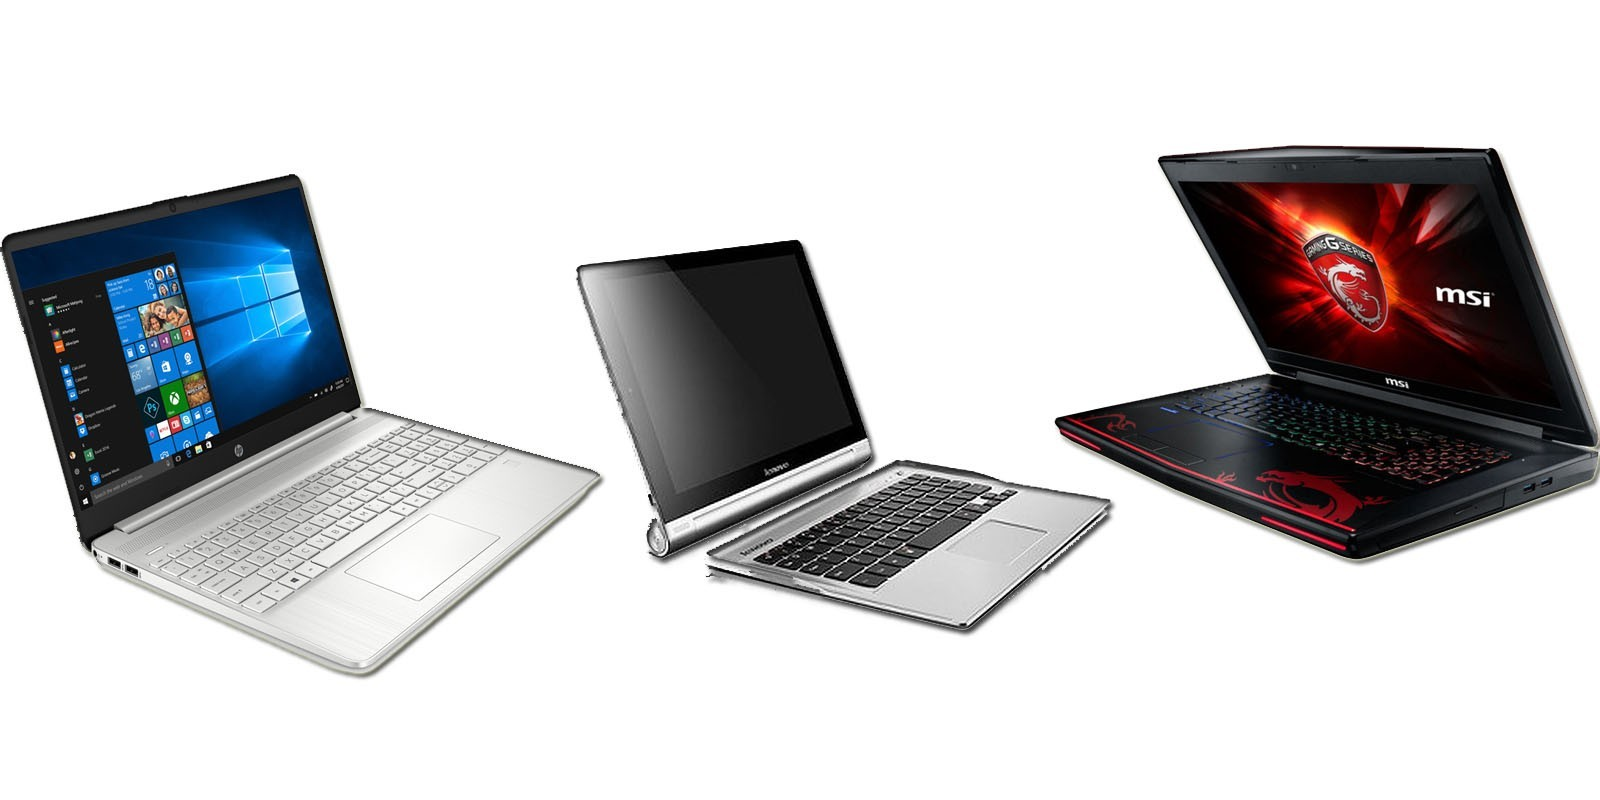 Nos modèles d'ordinateurs portable